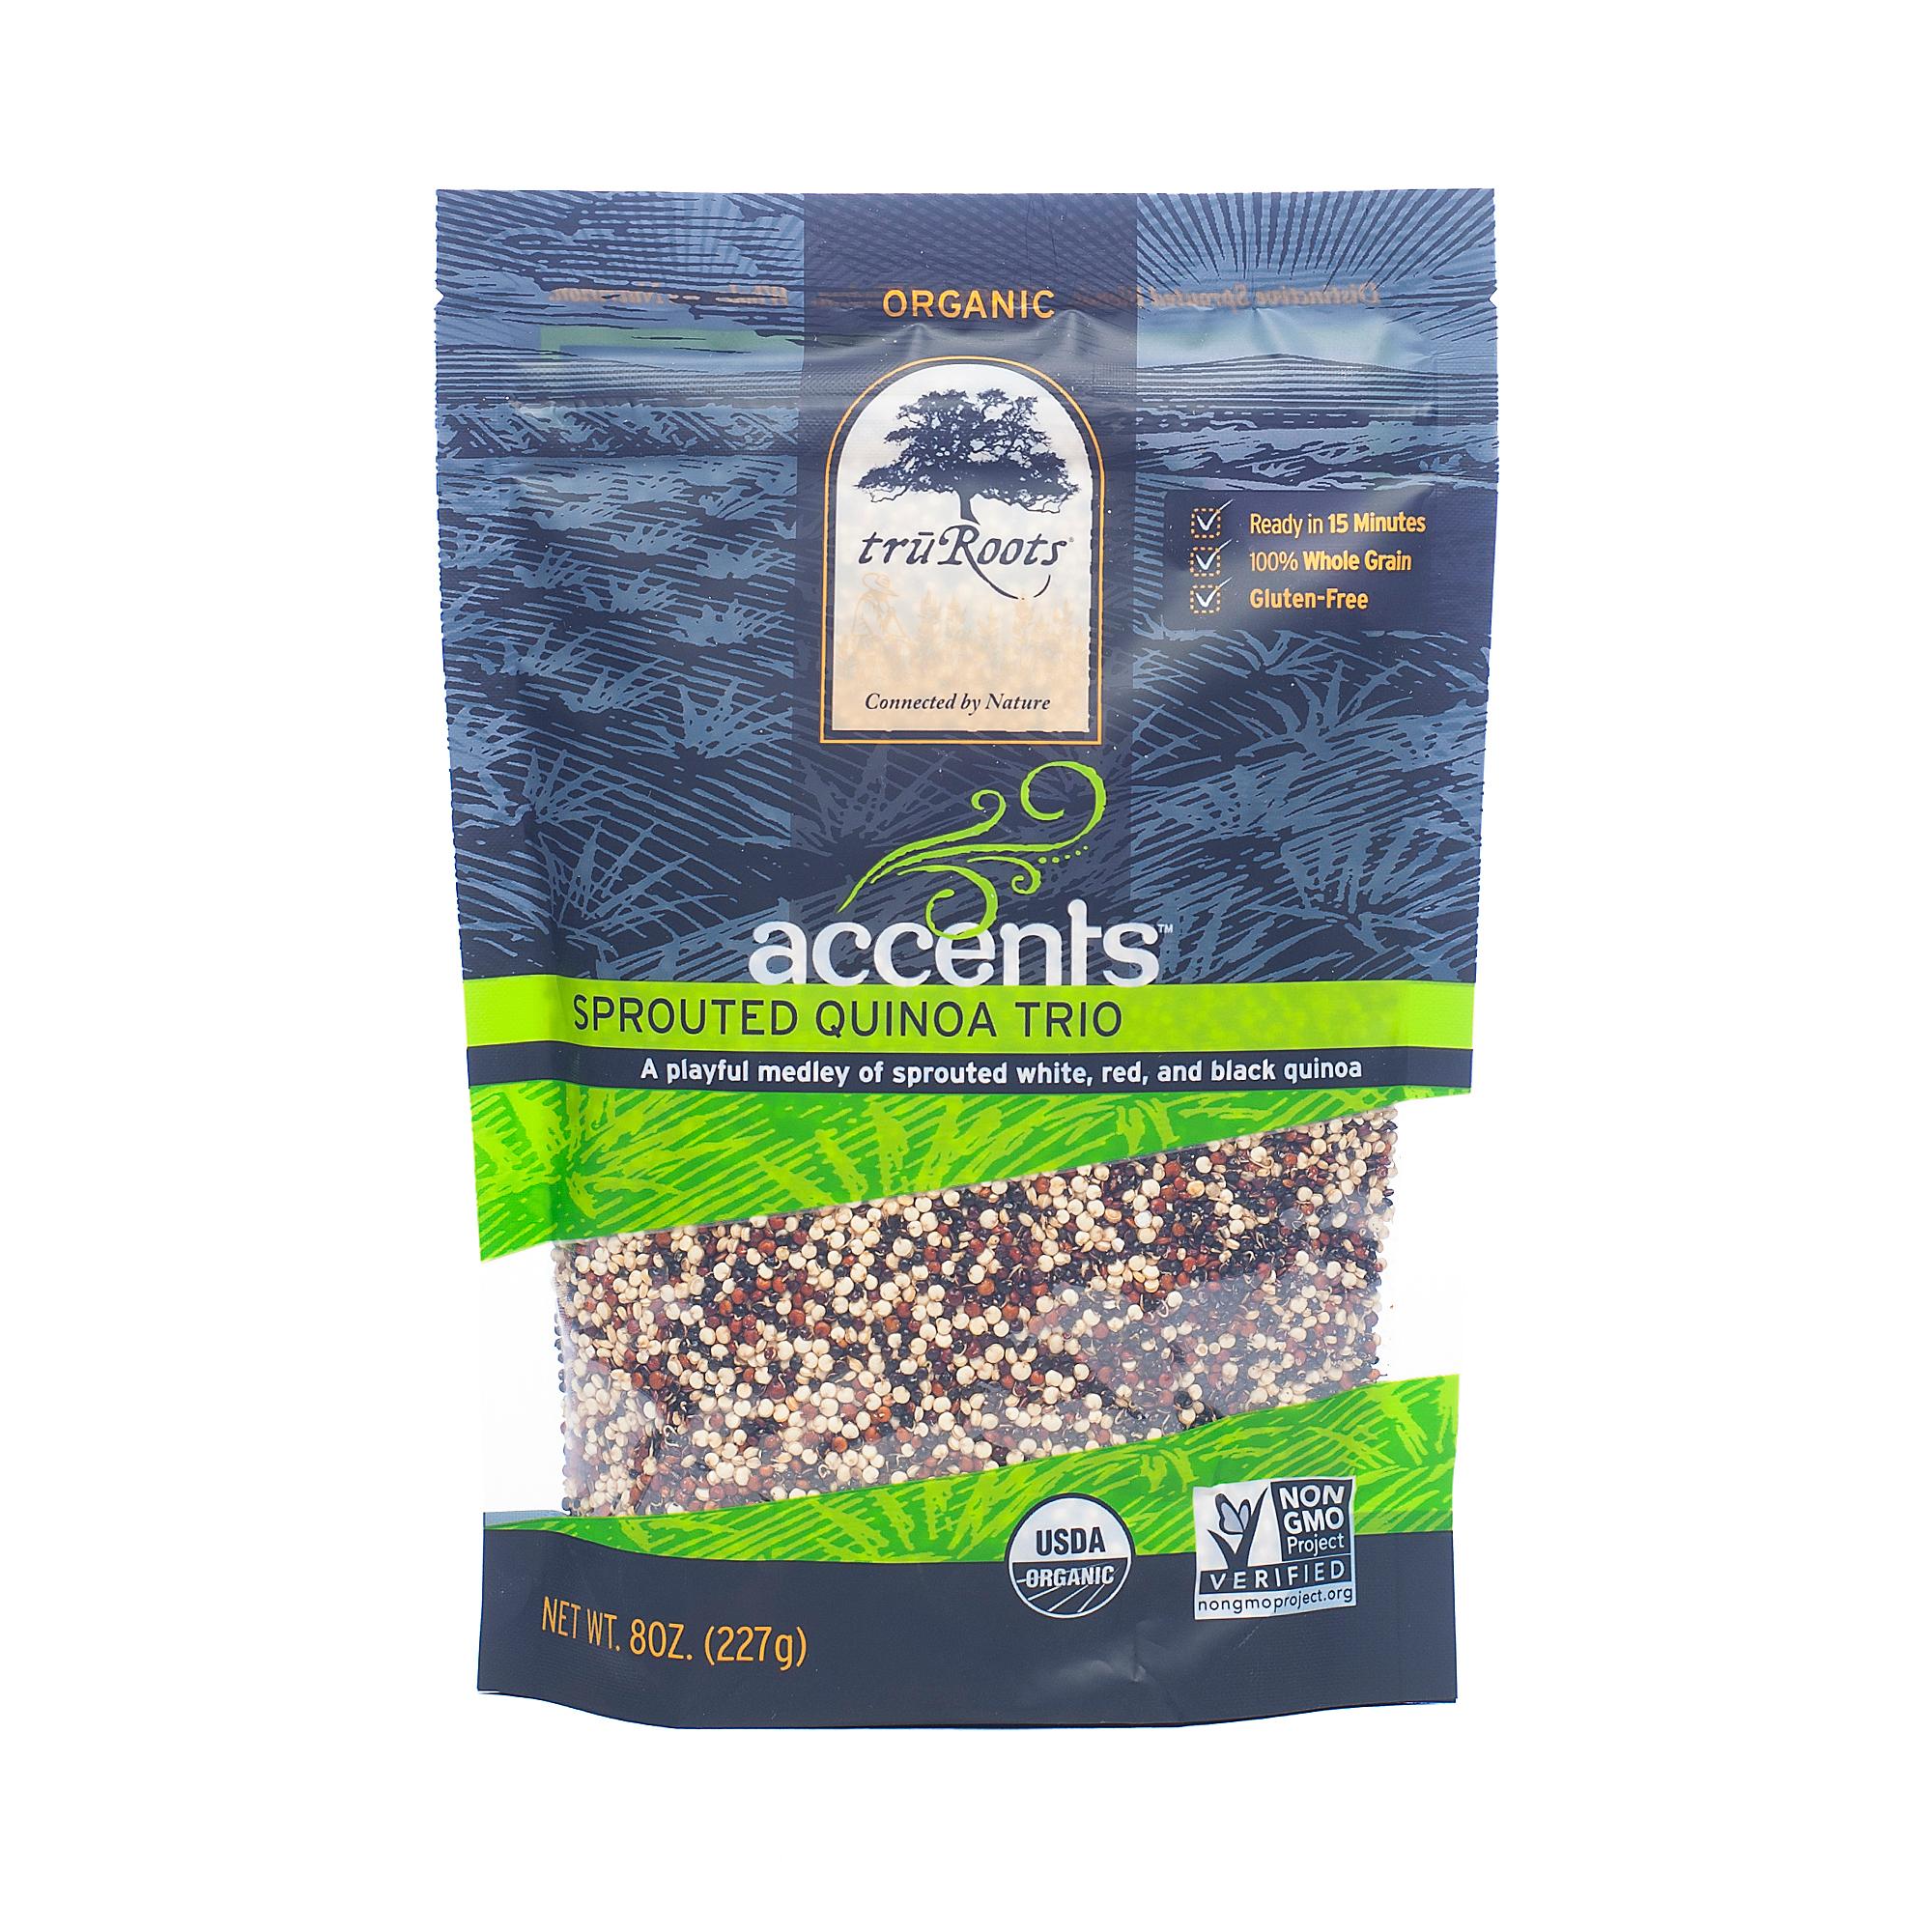 TruRoots Organic Sprouted Quinoa Trio 8 oz bag